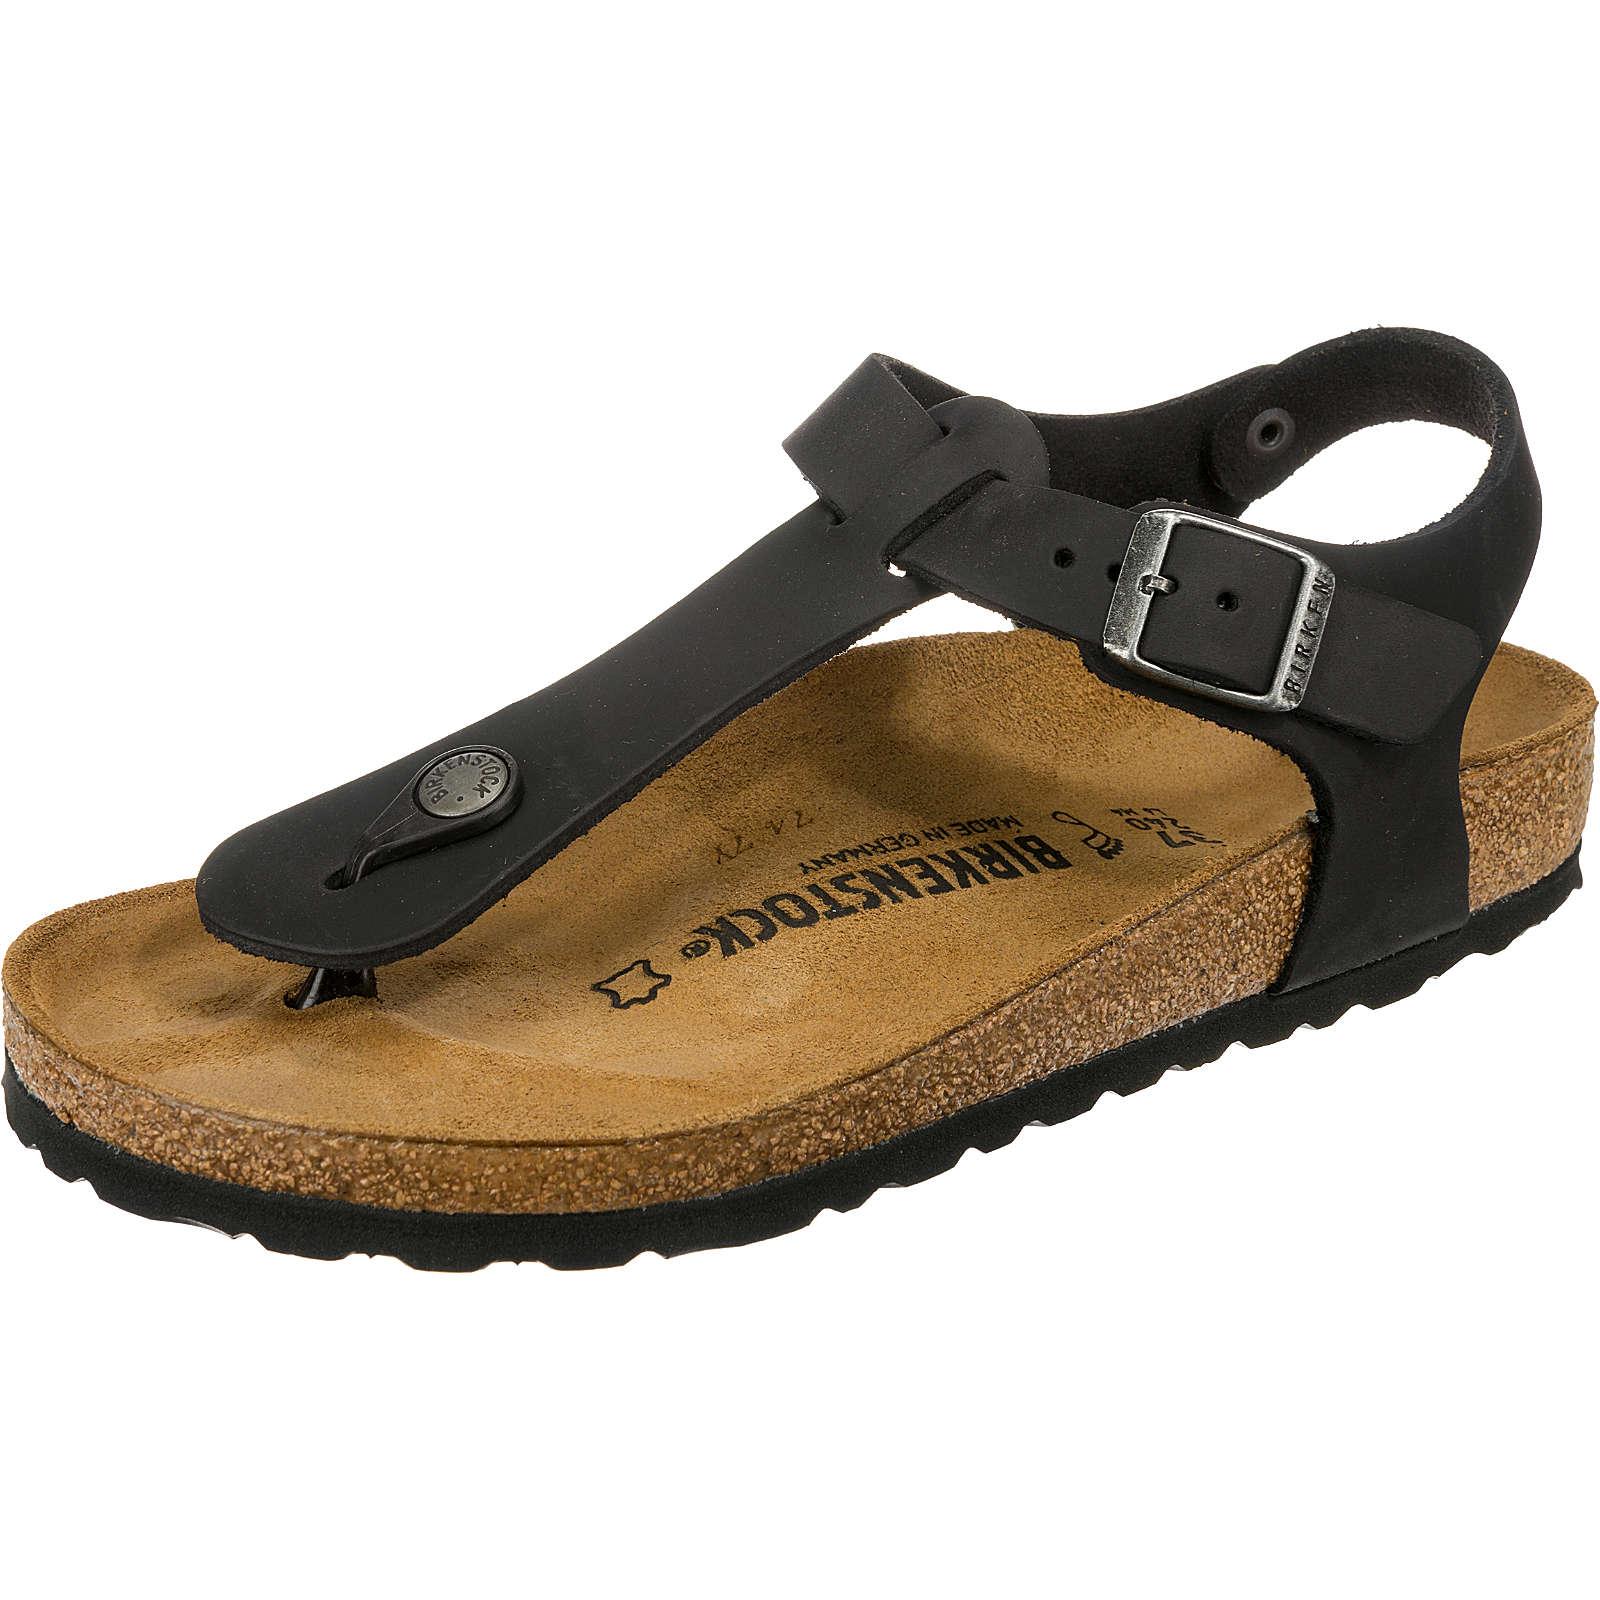 BIRKENSTOCK Kairo weit Klassische Sandalen schwarz Damen Gr. 42